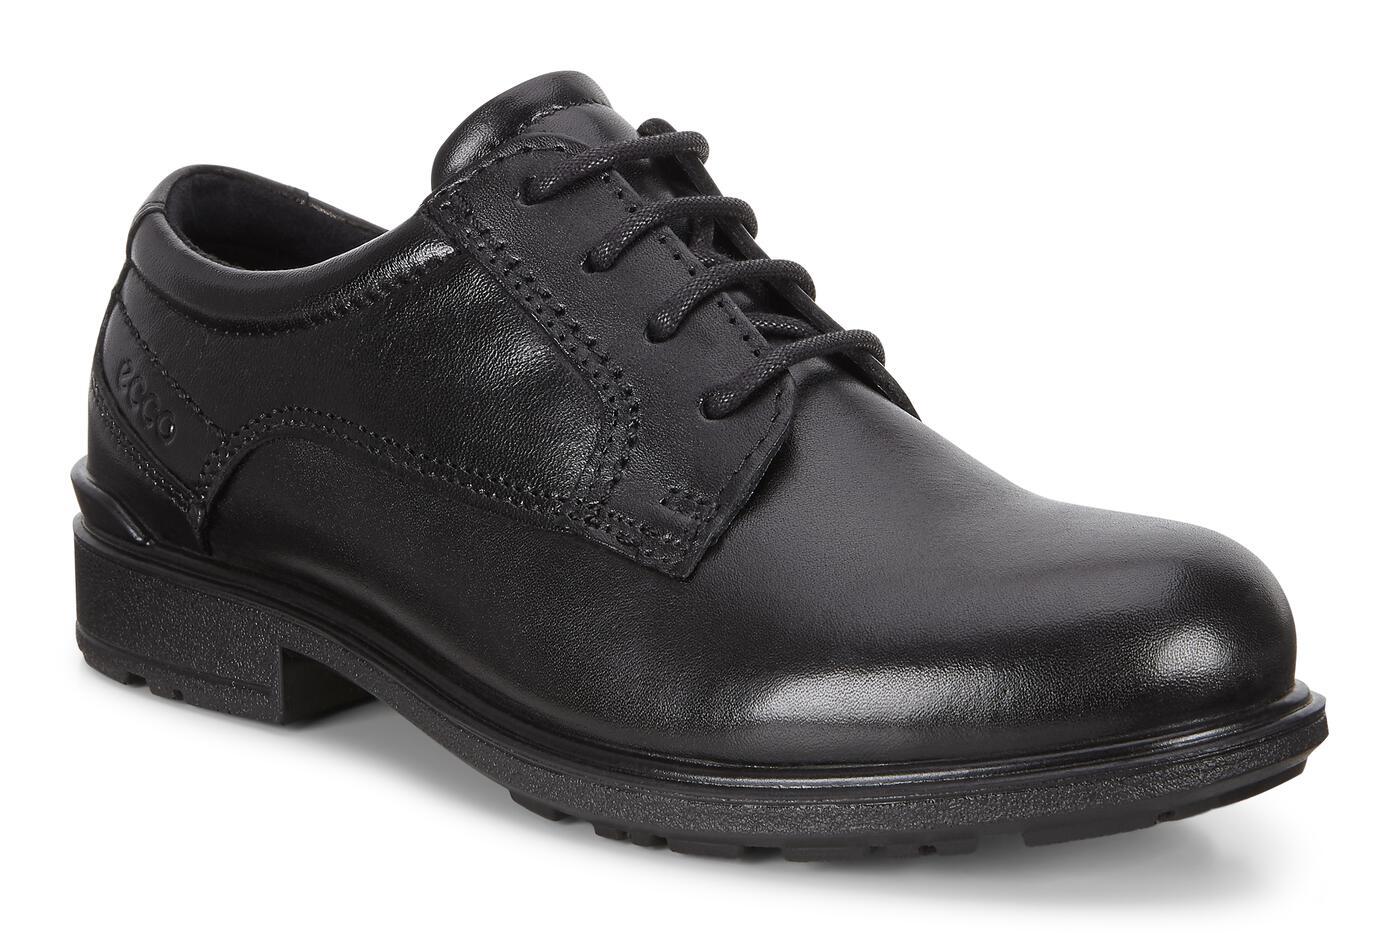 ECCO COHEN Boy's Dress Shoes